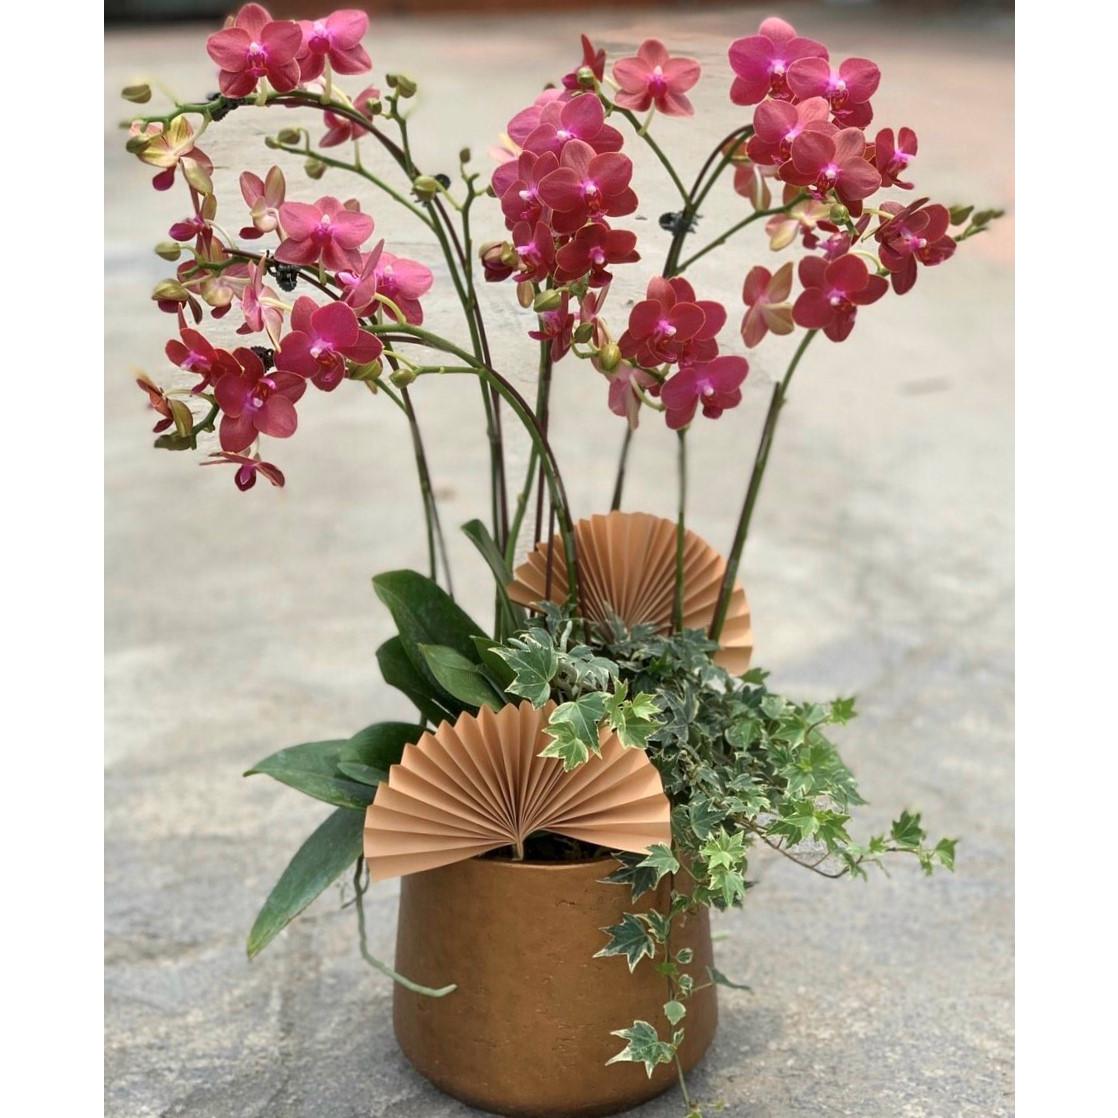 Chậu hoa Lan Hồ Điệp Đà Lạt - Mẫu 40 - Đường kính chậu 25 x cao 55 cm - Mầu Đỏ - Chậu hoa, cây cảnh tặng khai trương, tân gia